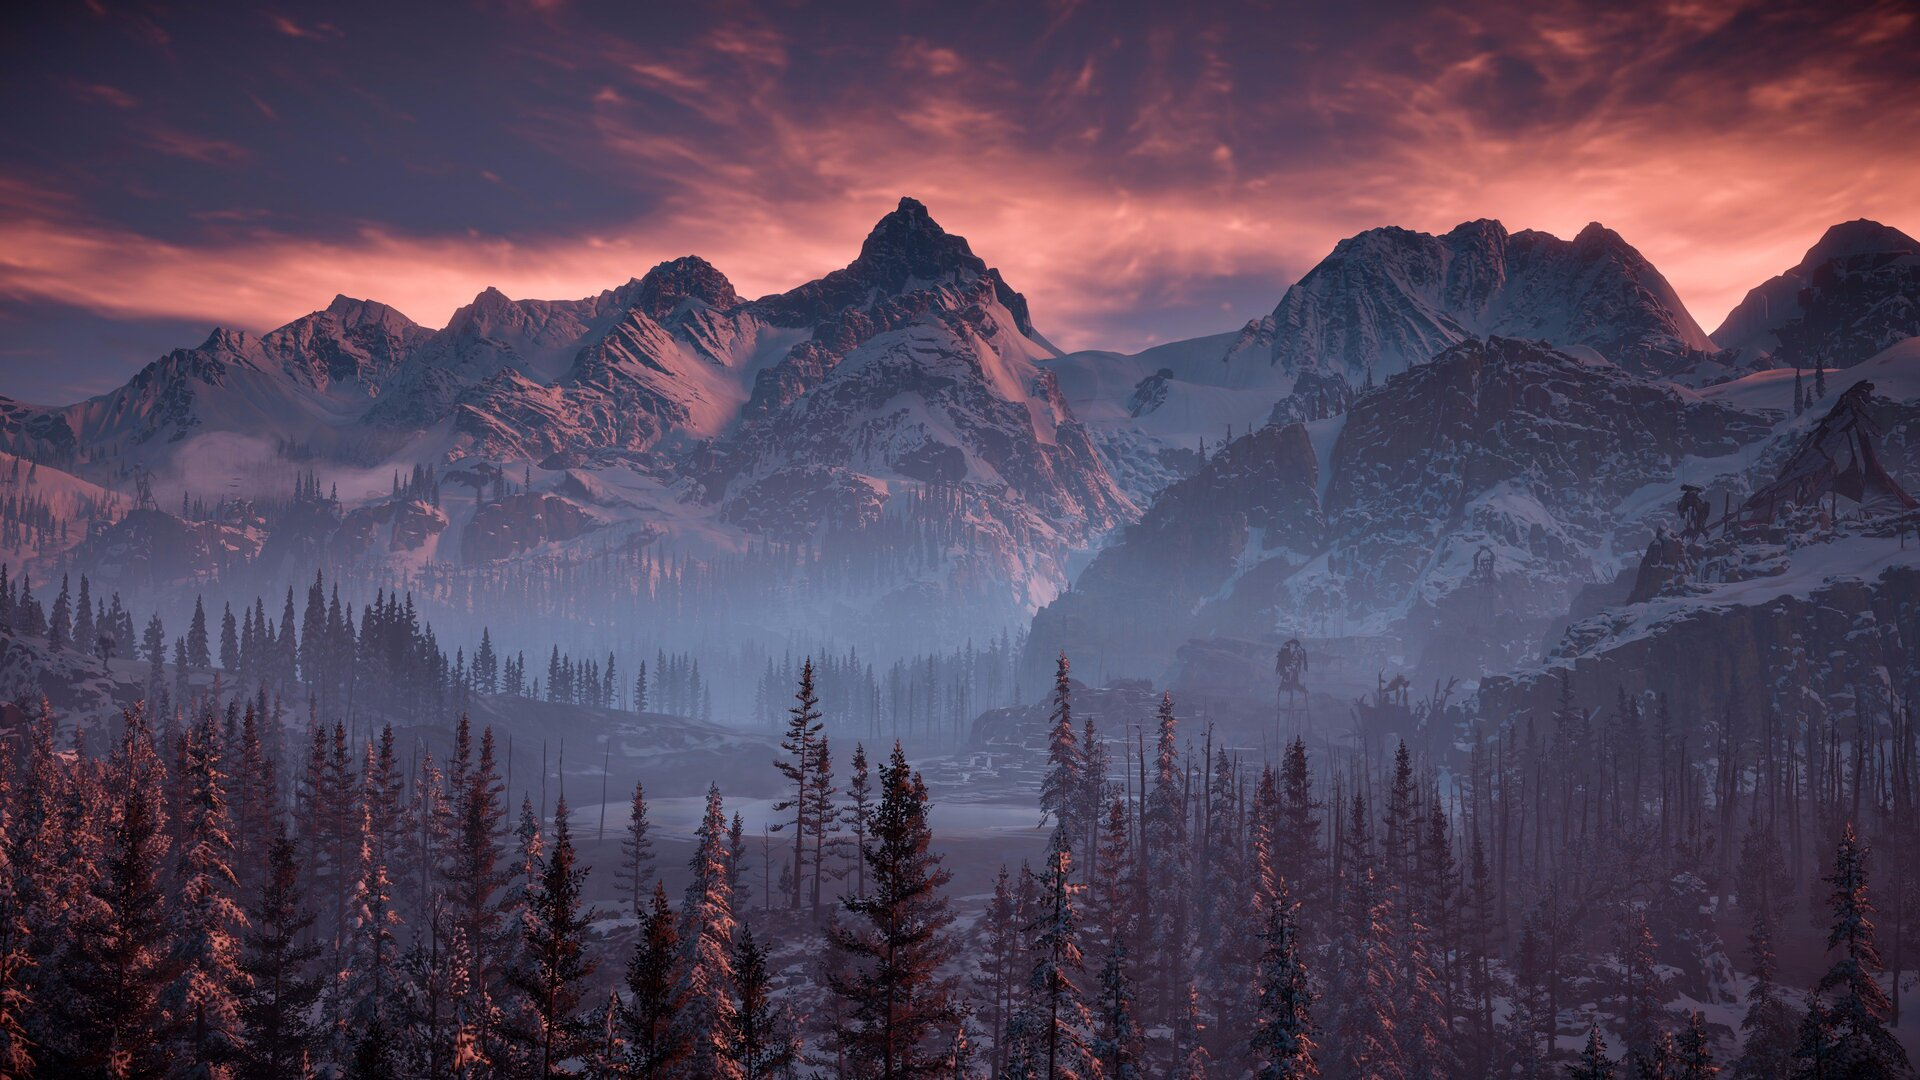 1920x1080 Horizon Zero Dawn Nature Mountains Trees Sky 4k Laptop